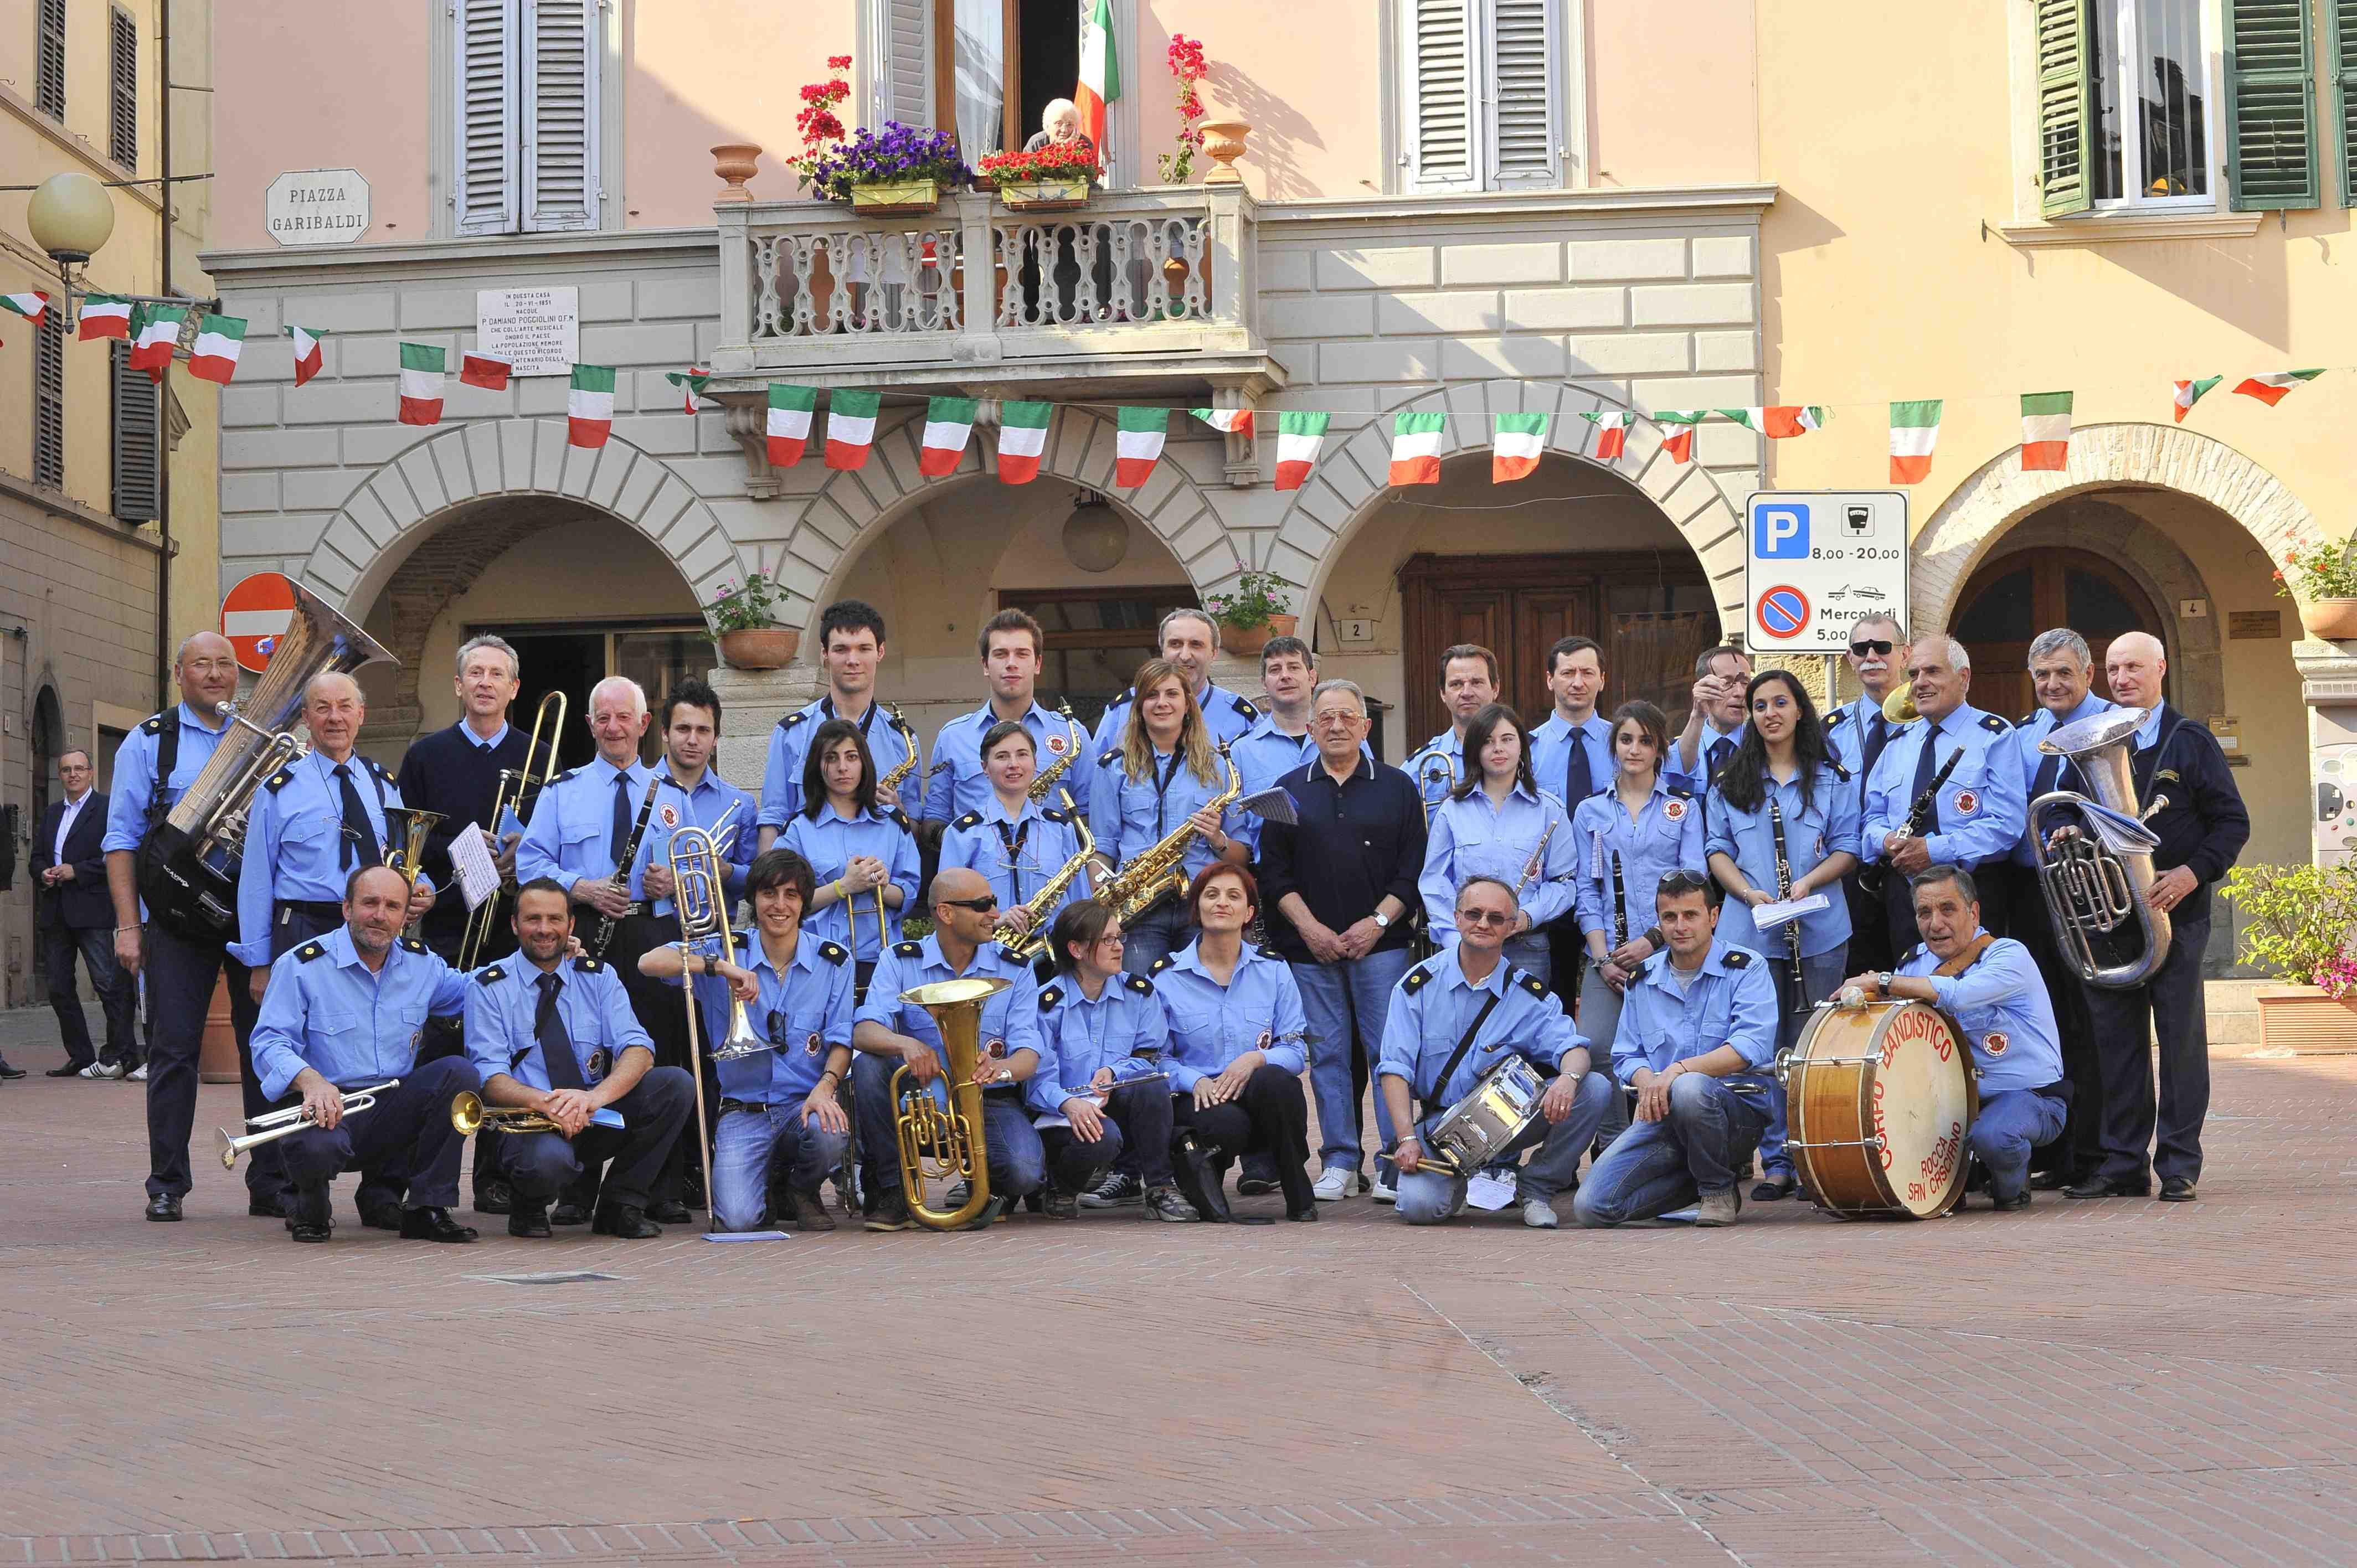 Banda di Rocca San Casciano di alcuni anni fa